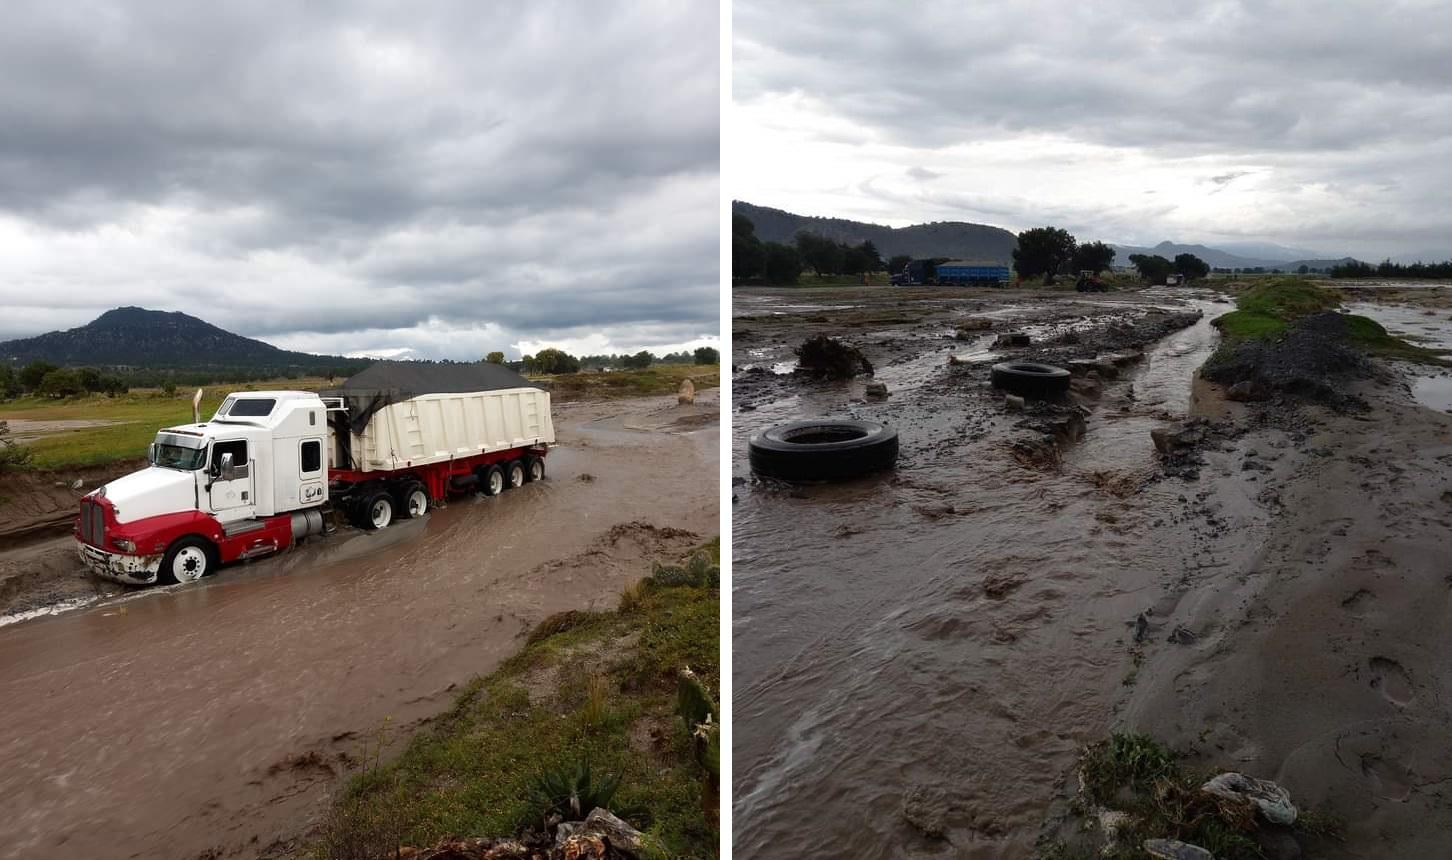 Lluvia inunda caminos y deja camiones varados en Oriental